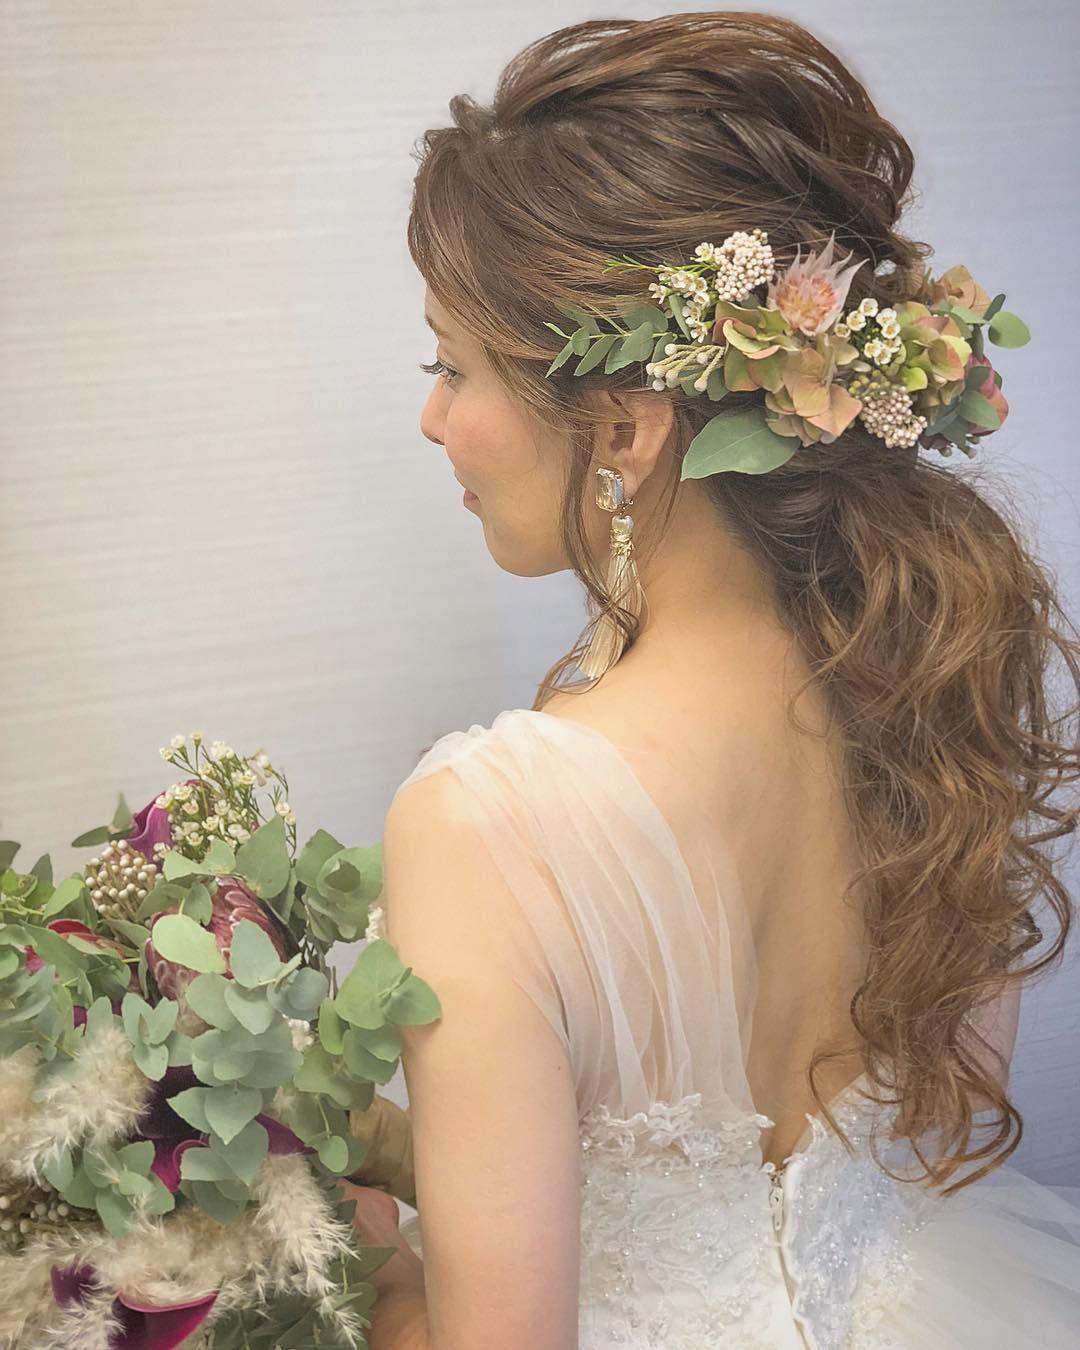 前撮りヘアやお色直しヘアに ポニーテール のブライダルヘアアレンジまとめ Marry マリー ウェディング ヘア 生花